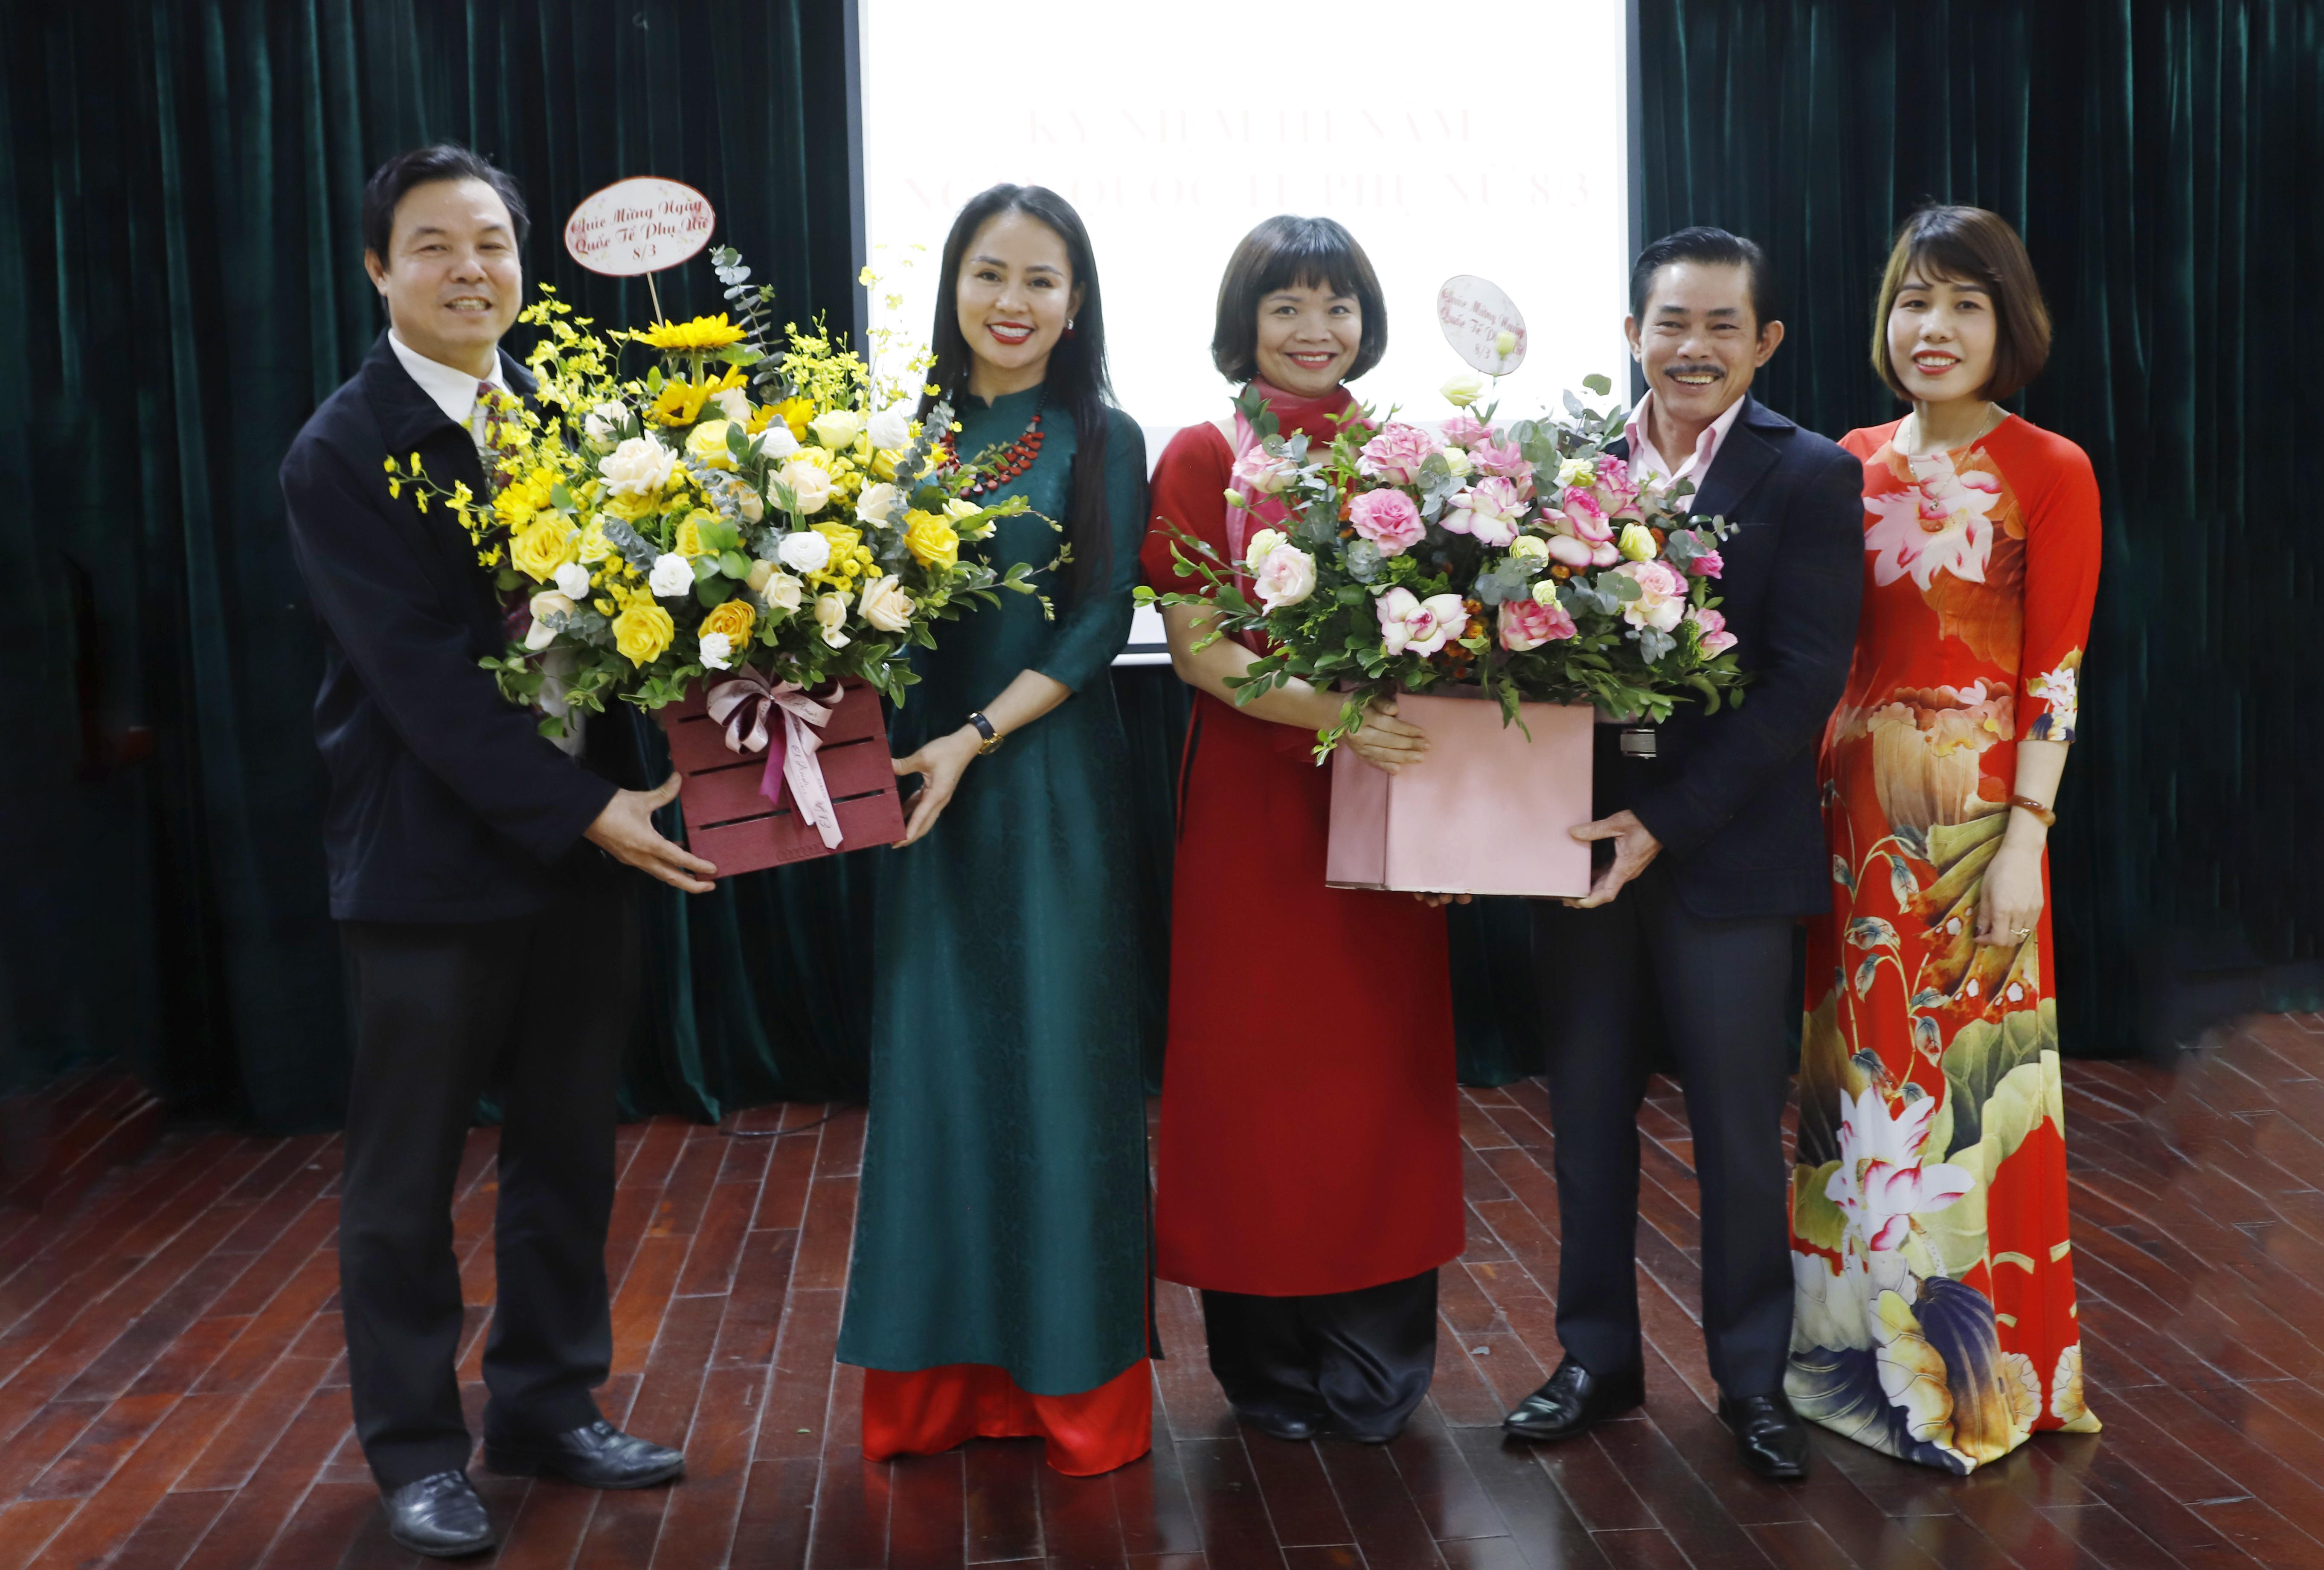 Ông Lê Công Bình, Bí thư Chi bộ, Tổng Biên tập Báo Dân tộc và Phát triển cùng Ban Biên tập của Báo tặng hoa chúc mừng đại diện chị em phụ nữ